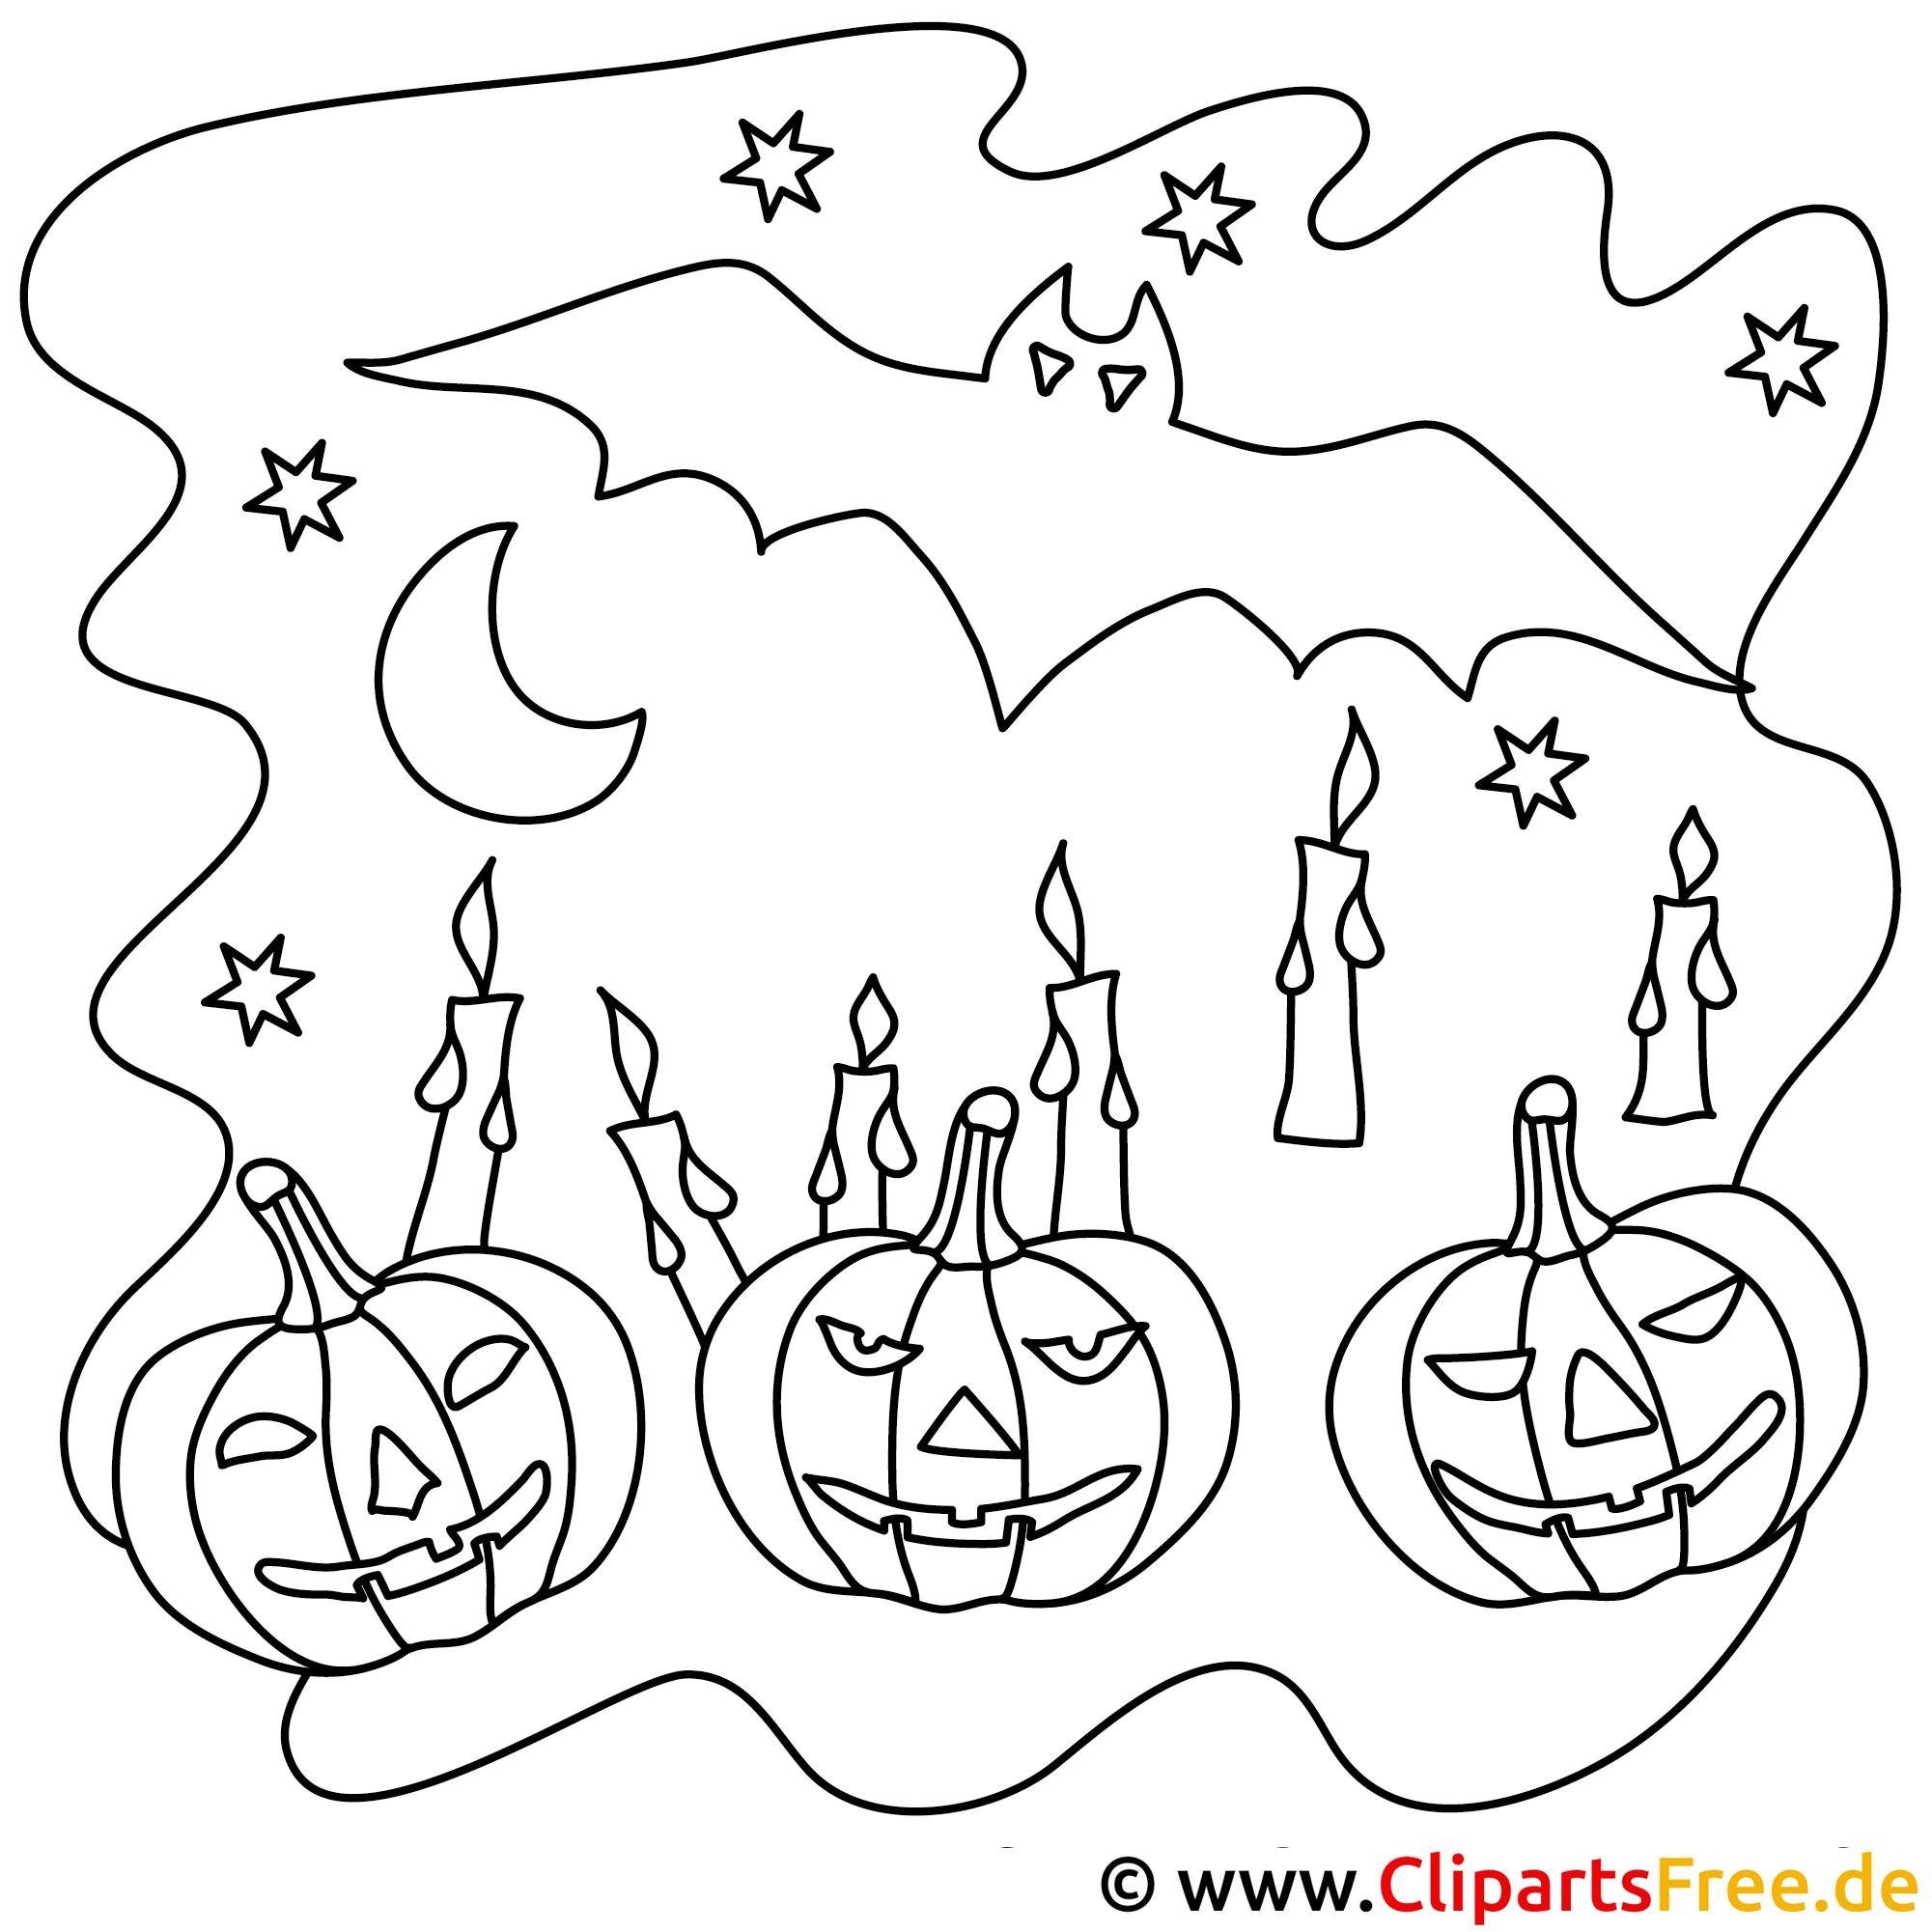 Bild zum Ausmalen Halloween